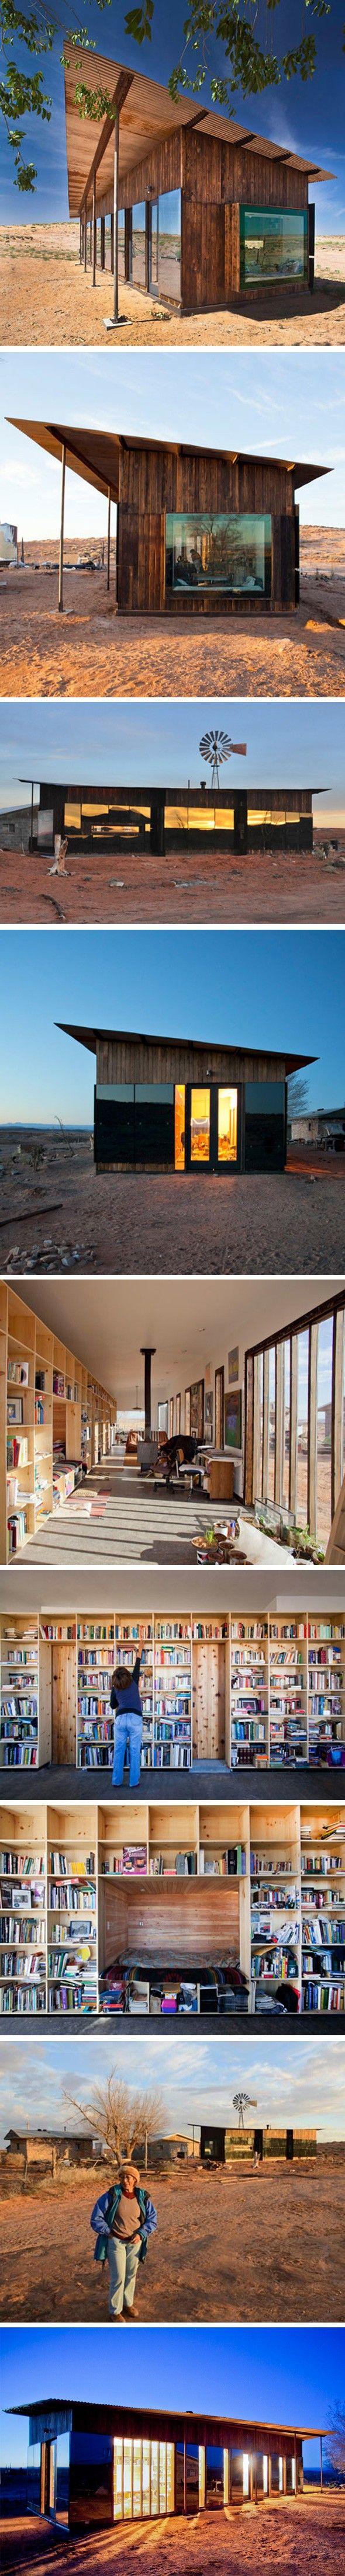 Nakai House par des étudiants en architecture - Journal du Design, note bed behind bookcases